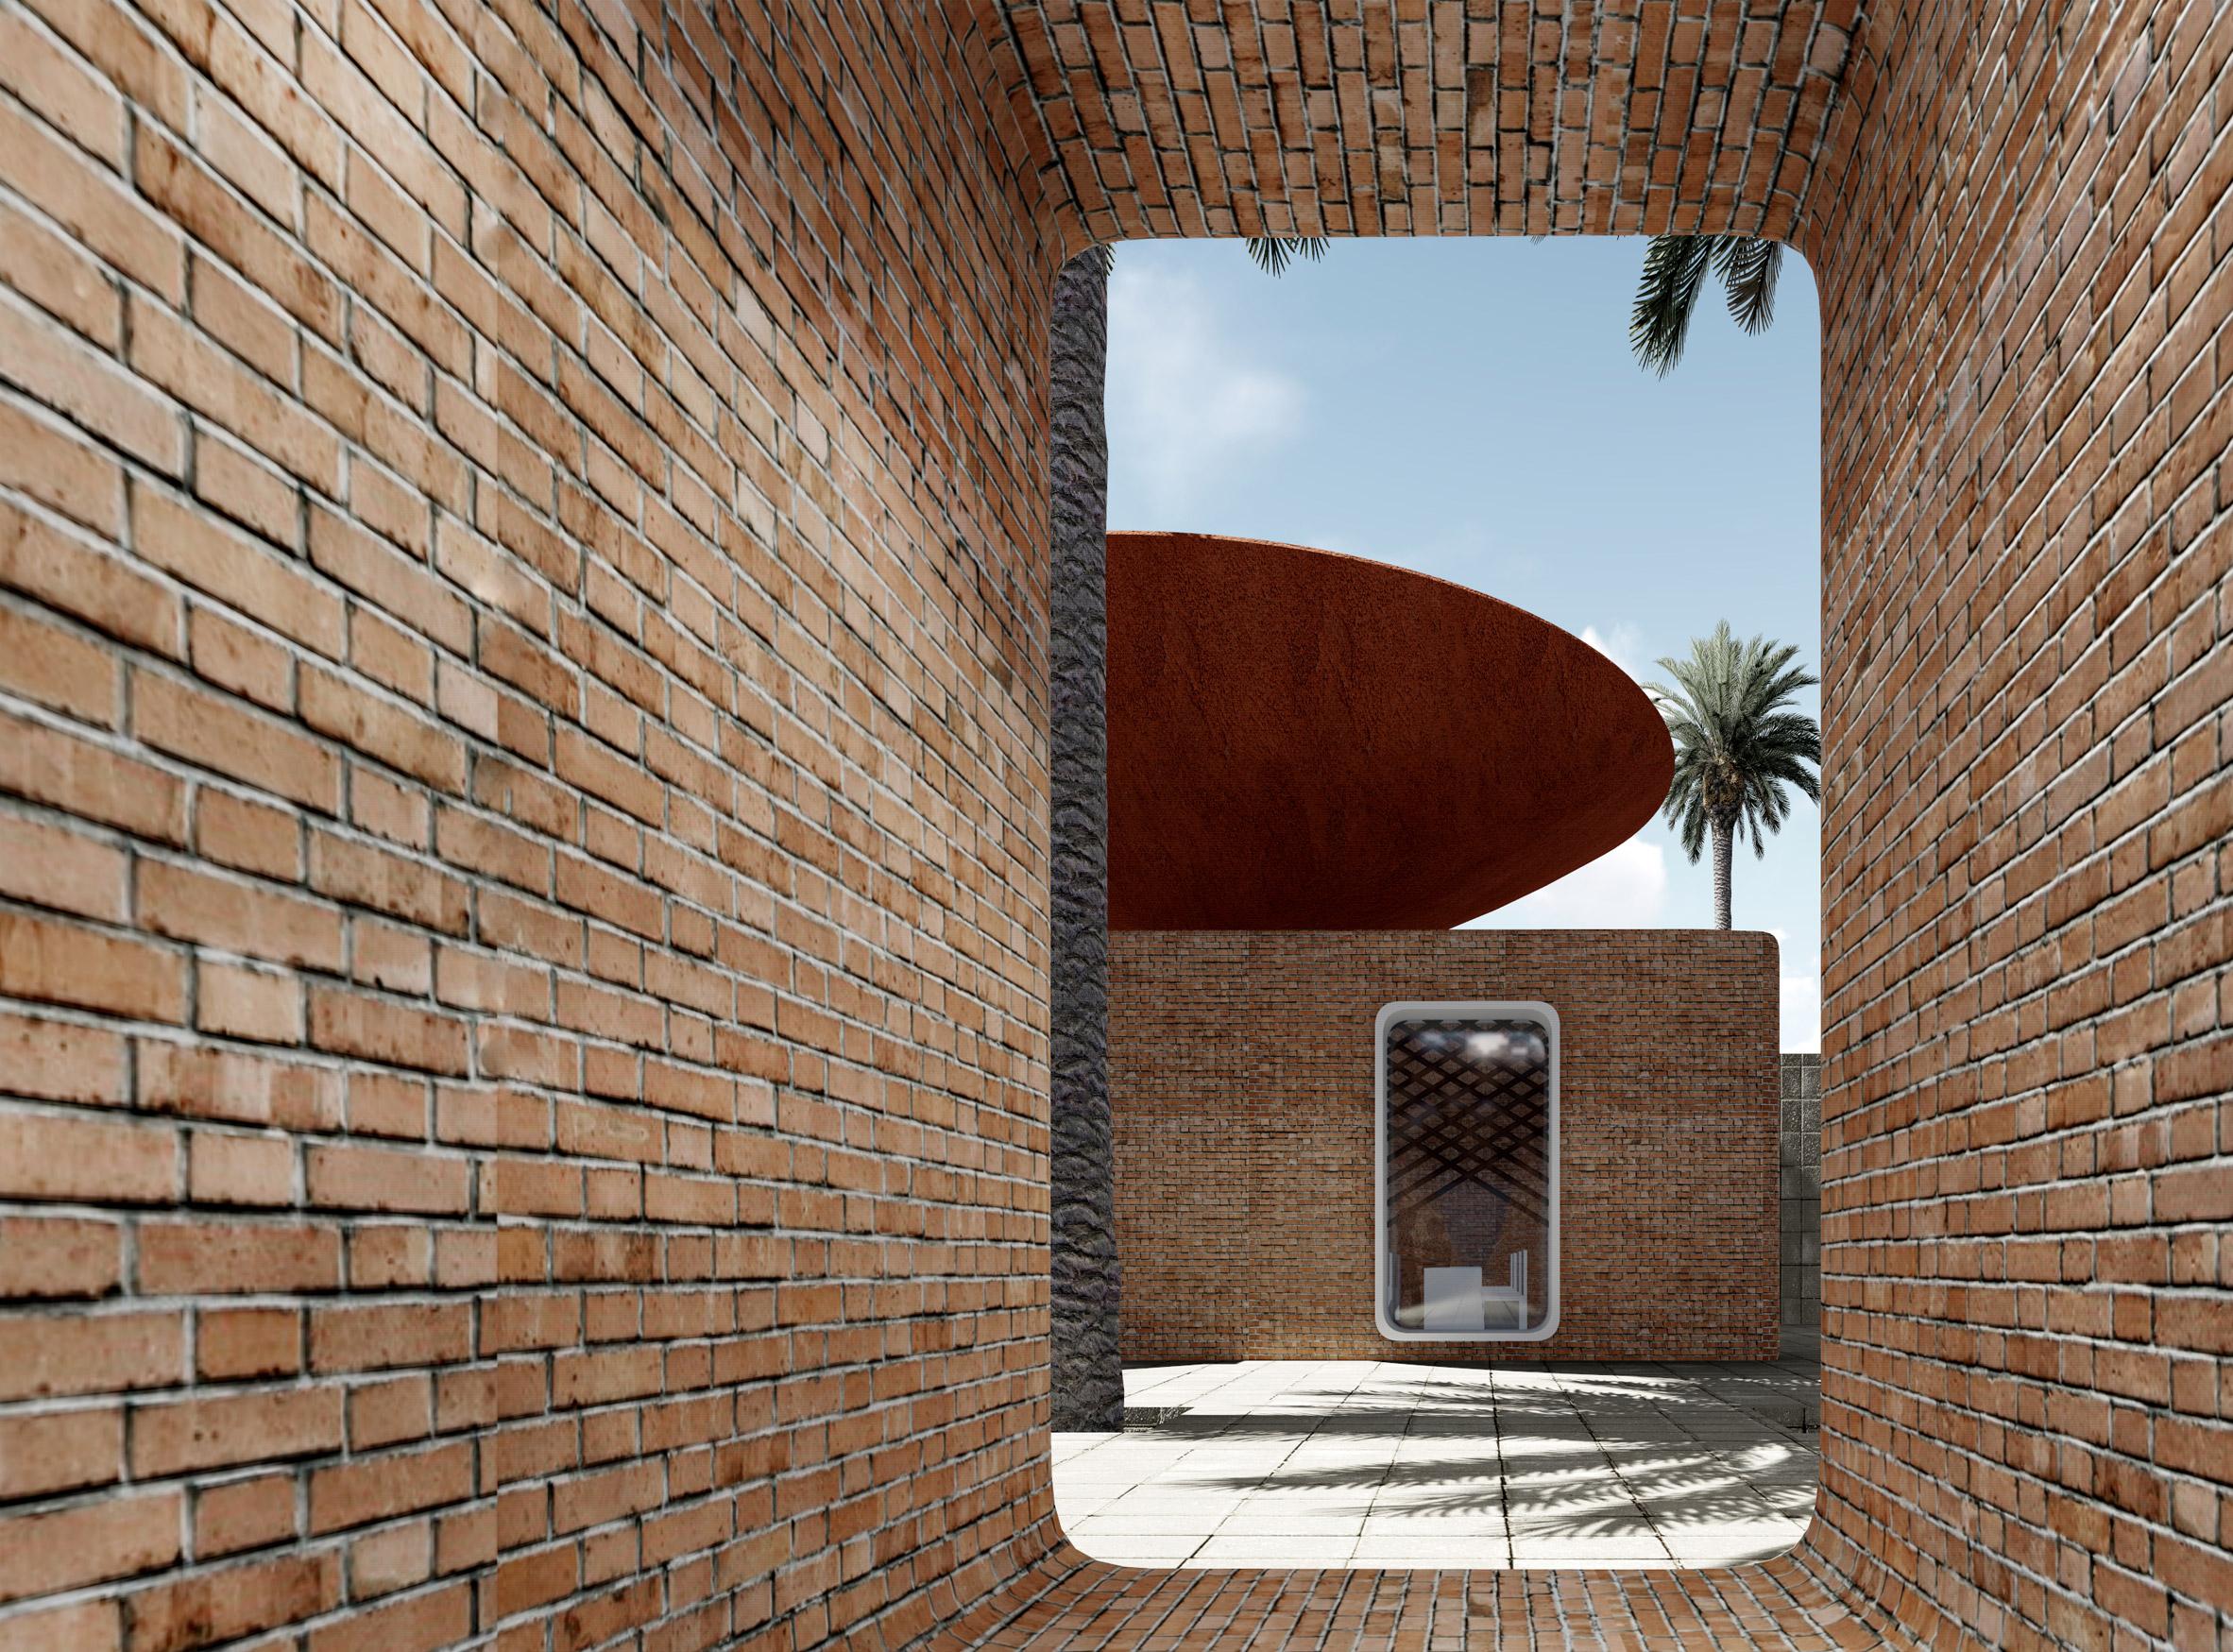 Concave Roof par BM Design Studios sur Design Maroc